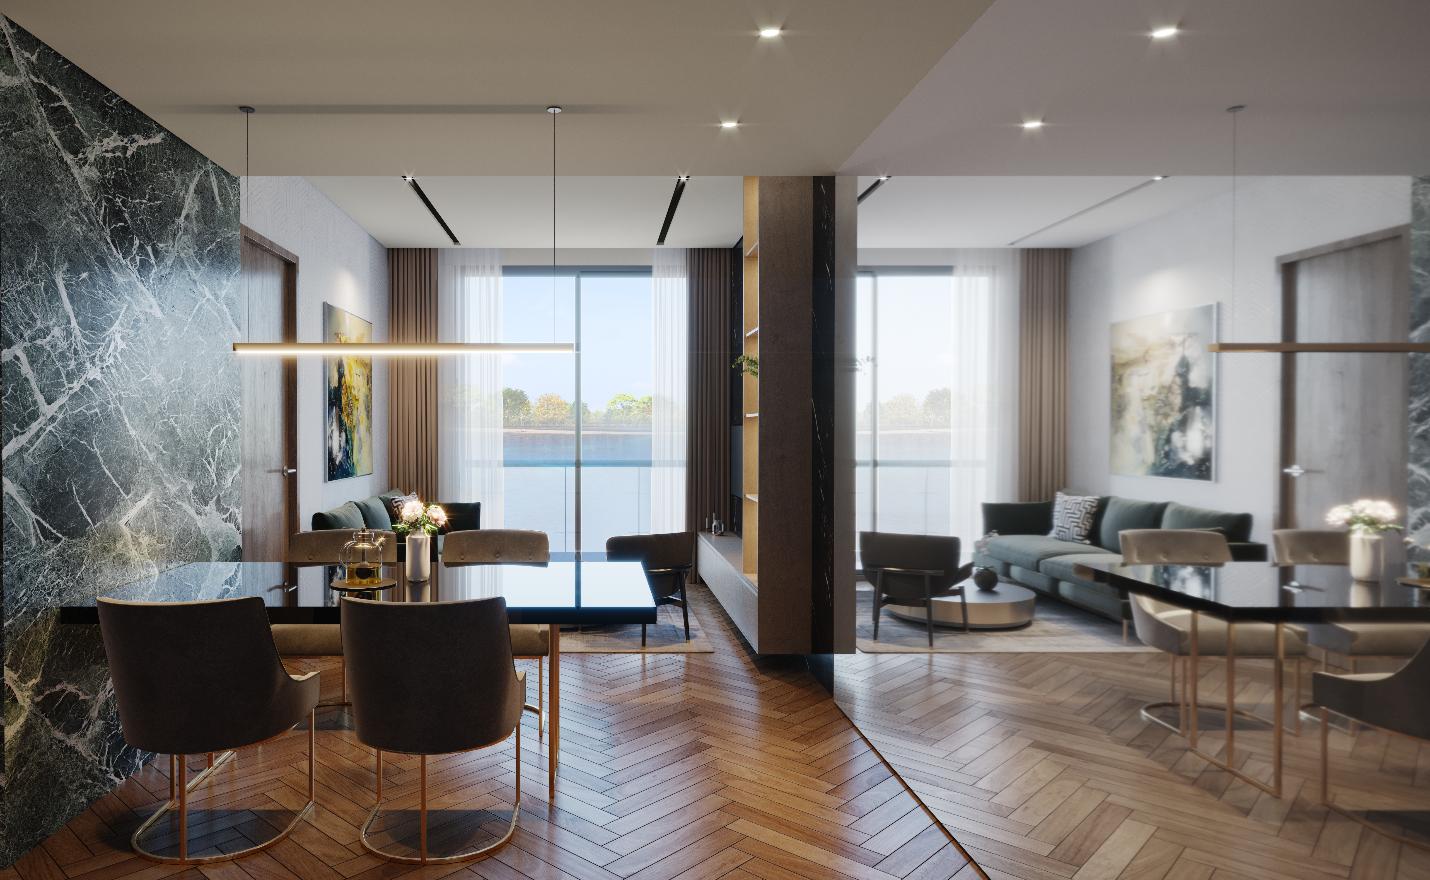 Nhà mẫu Masteri Waterfront (Gia Lâm, Hà Nội) - một trong ba dự án áp dụng giải pháp Home for Home. Ảnh: Masterise Homes.